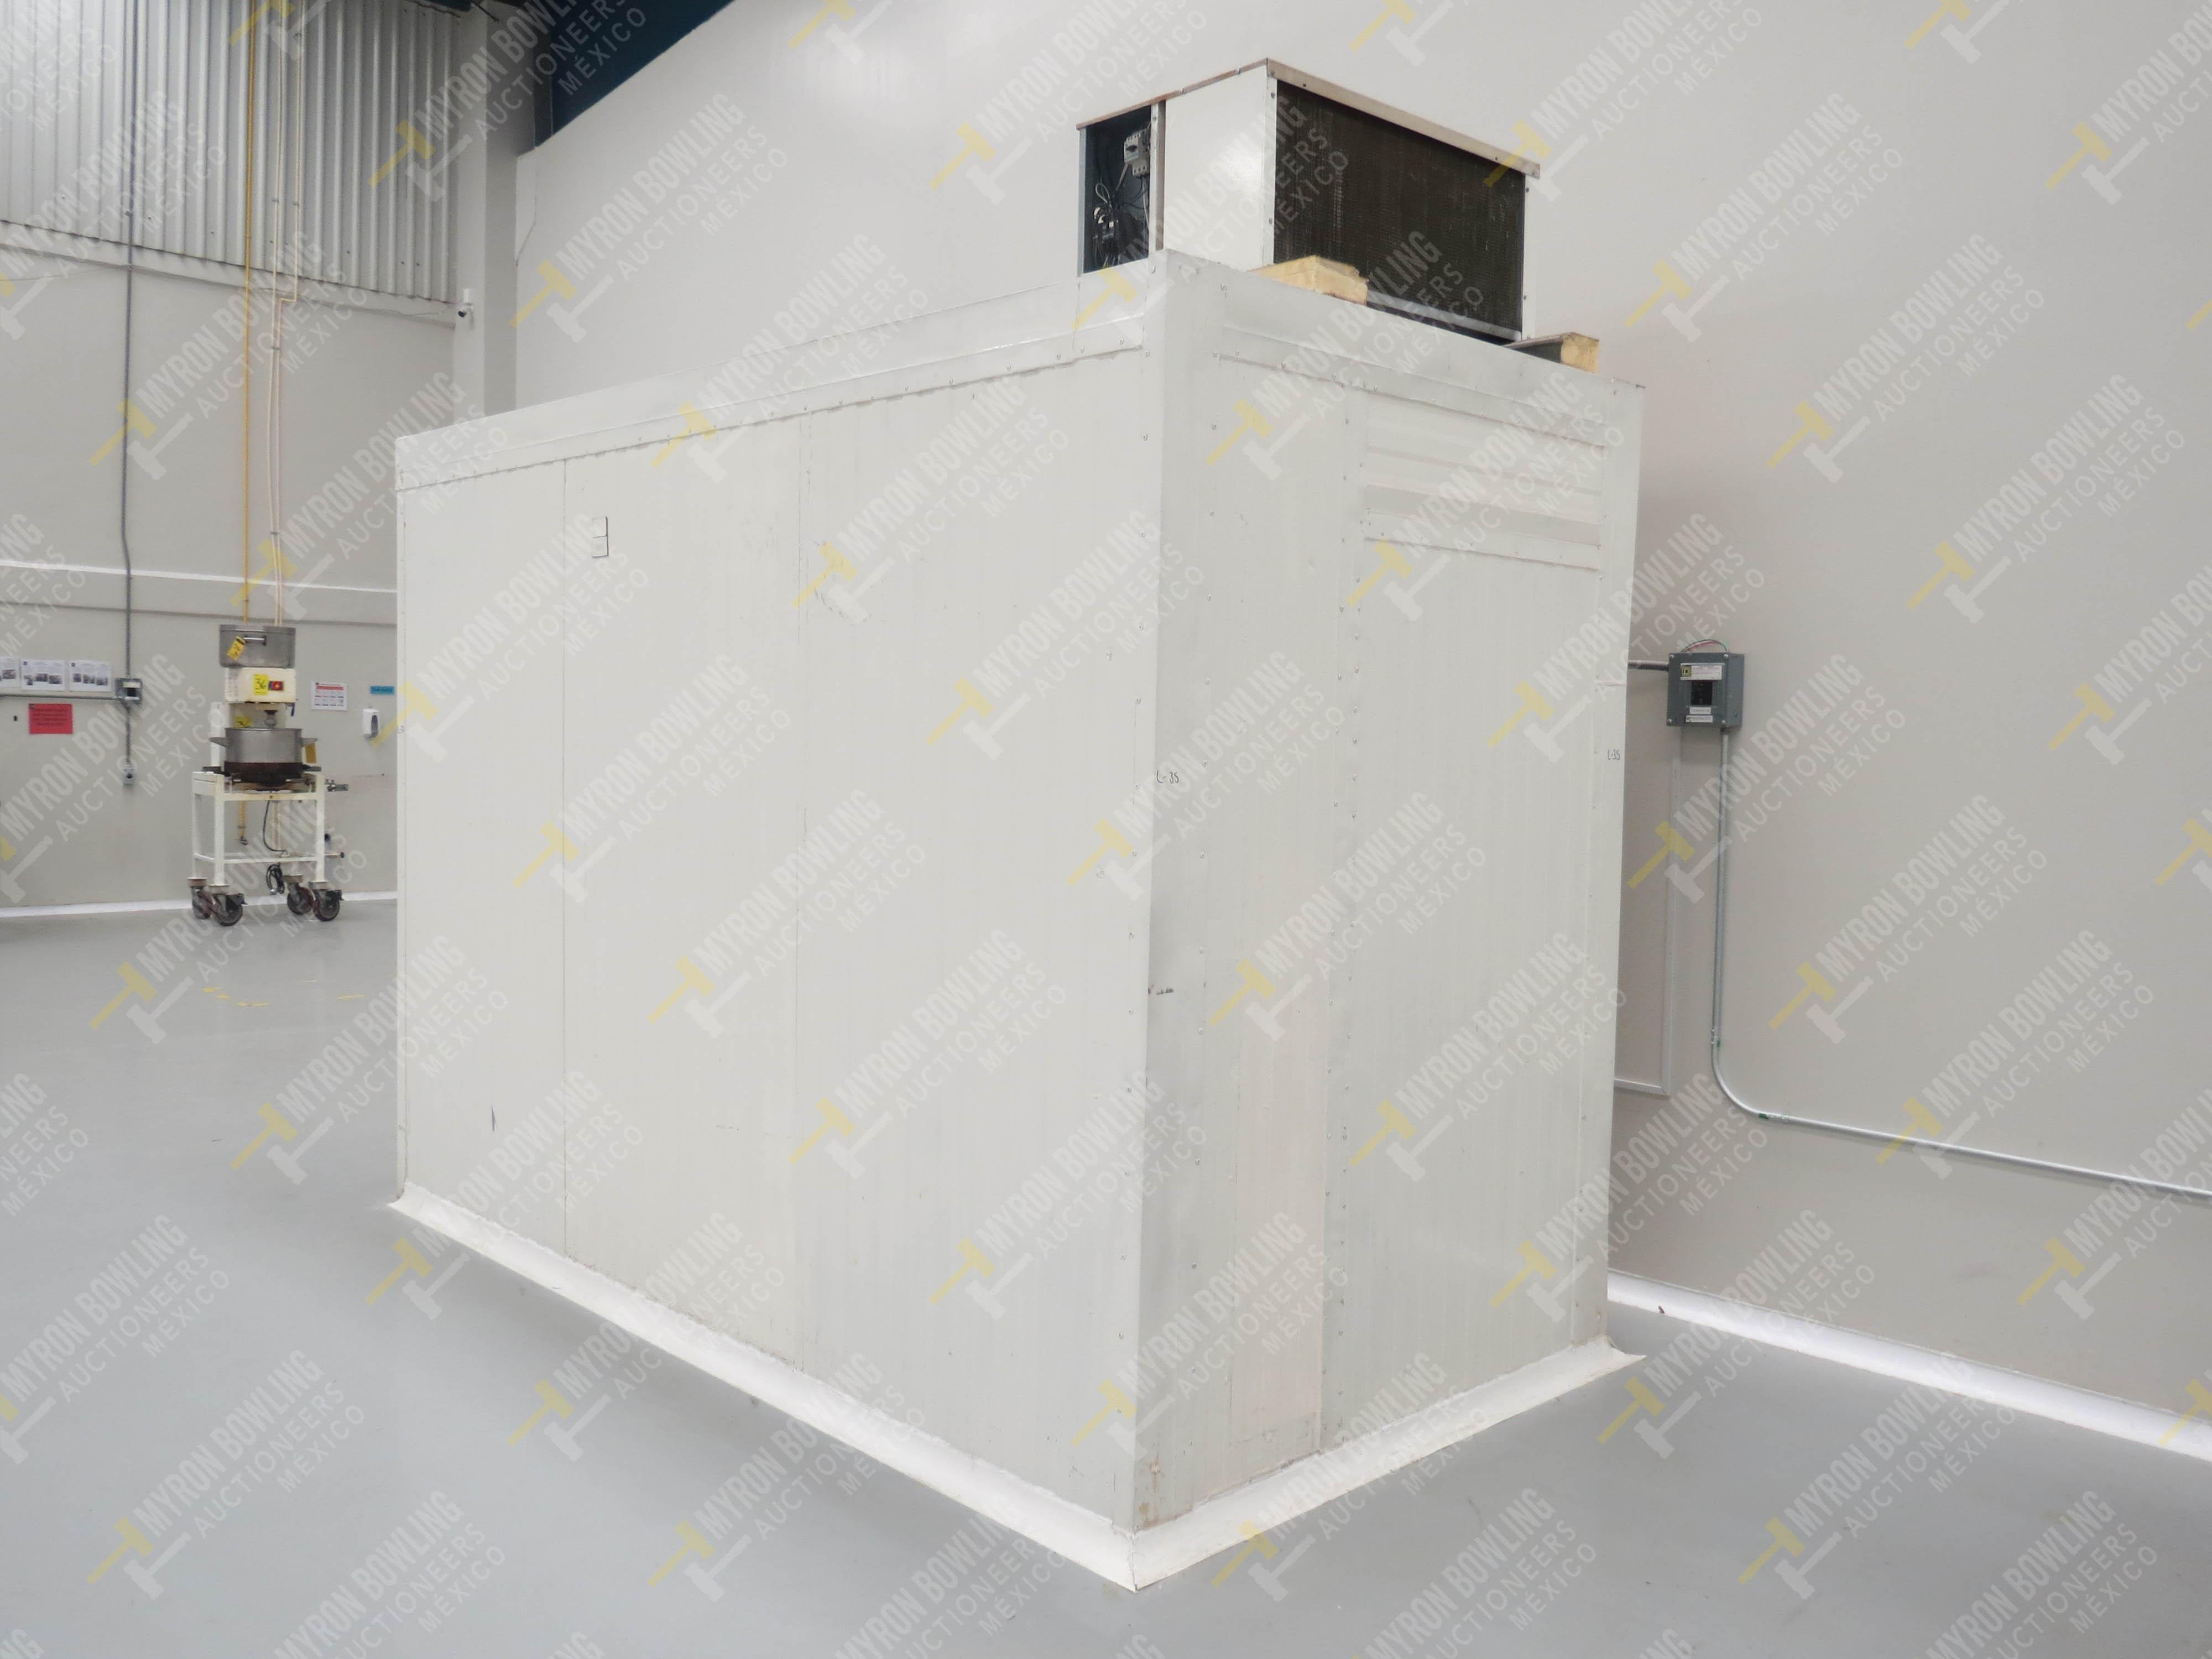 Cámara de conservación de alimentos marca Heatcraft, Modelo TL53BG, No. de Serie D07C01703 - Image 4 of 4